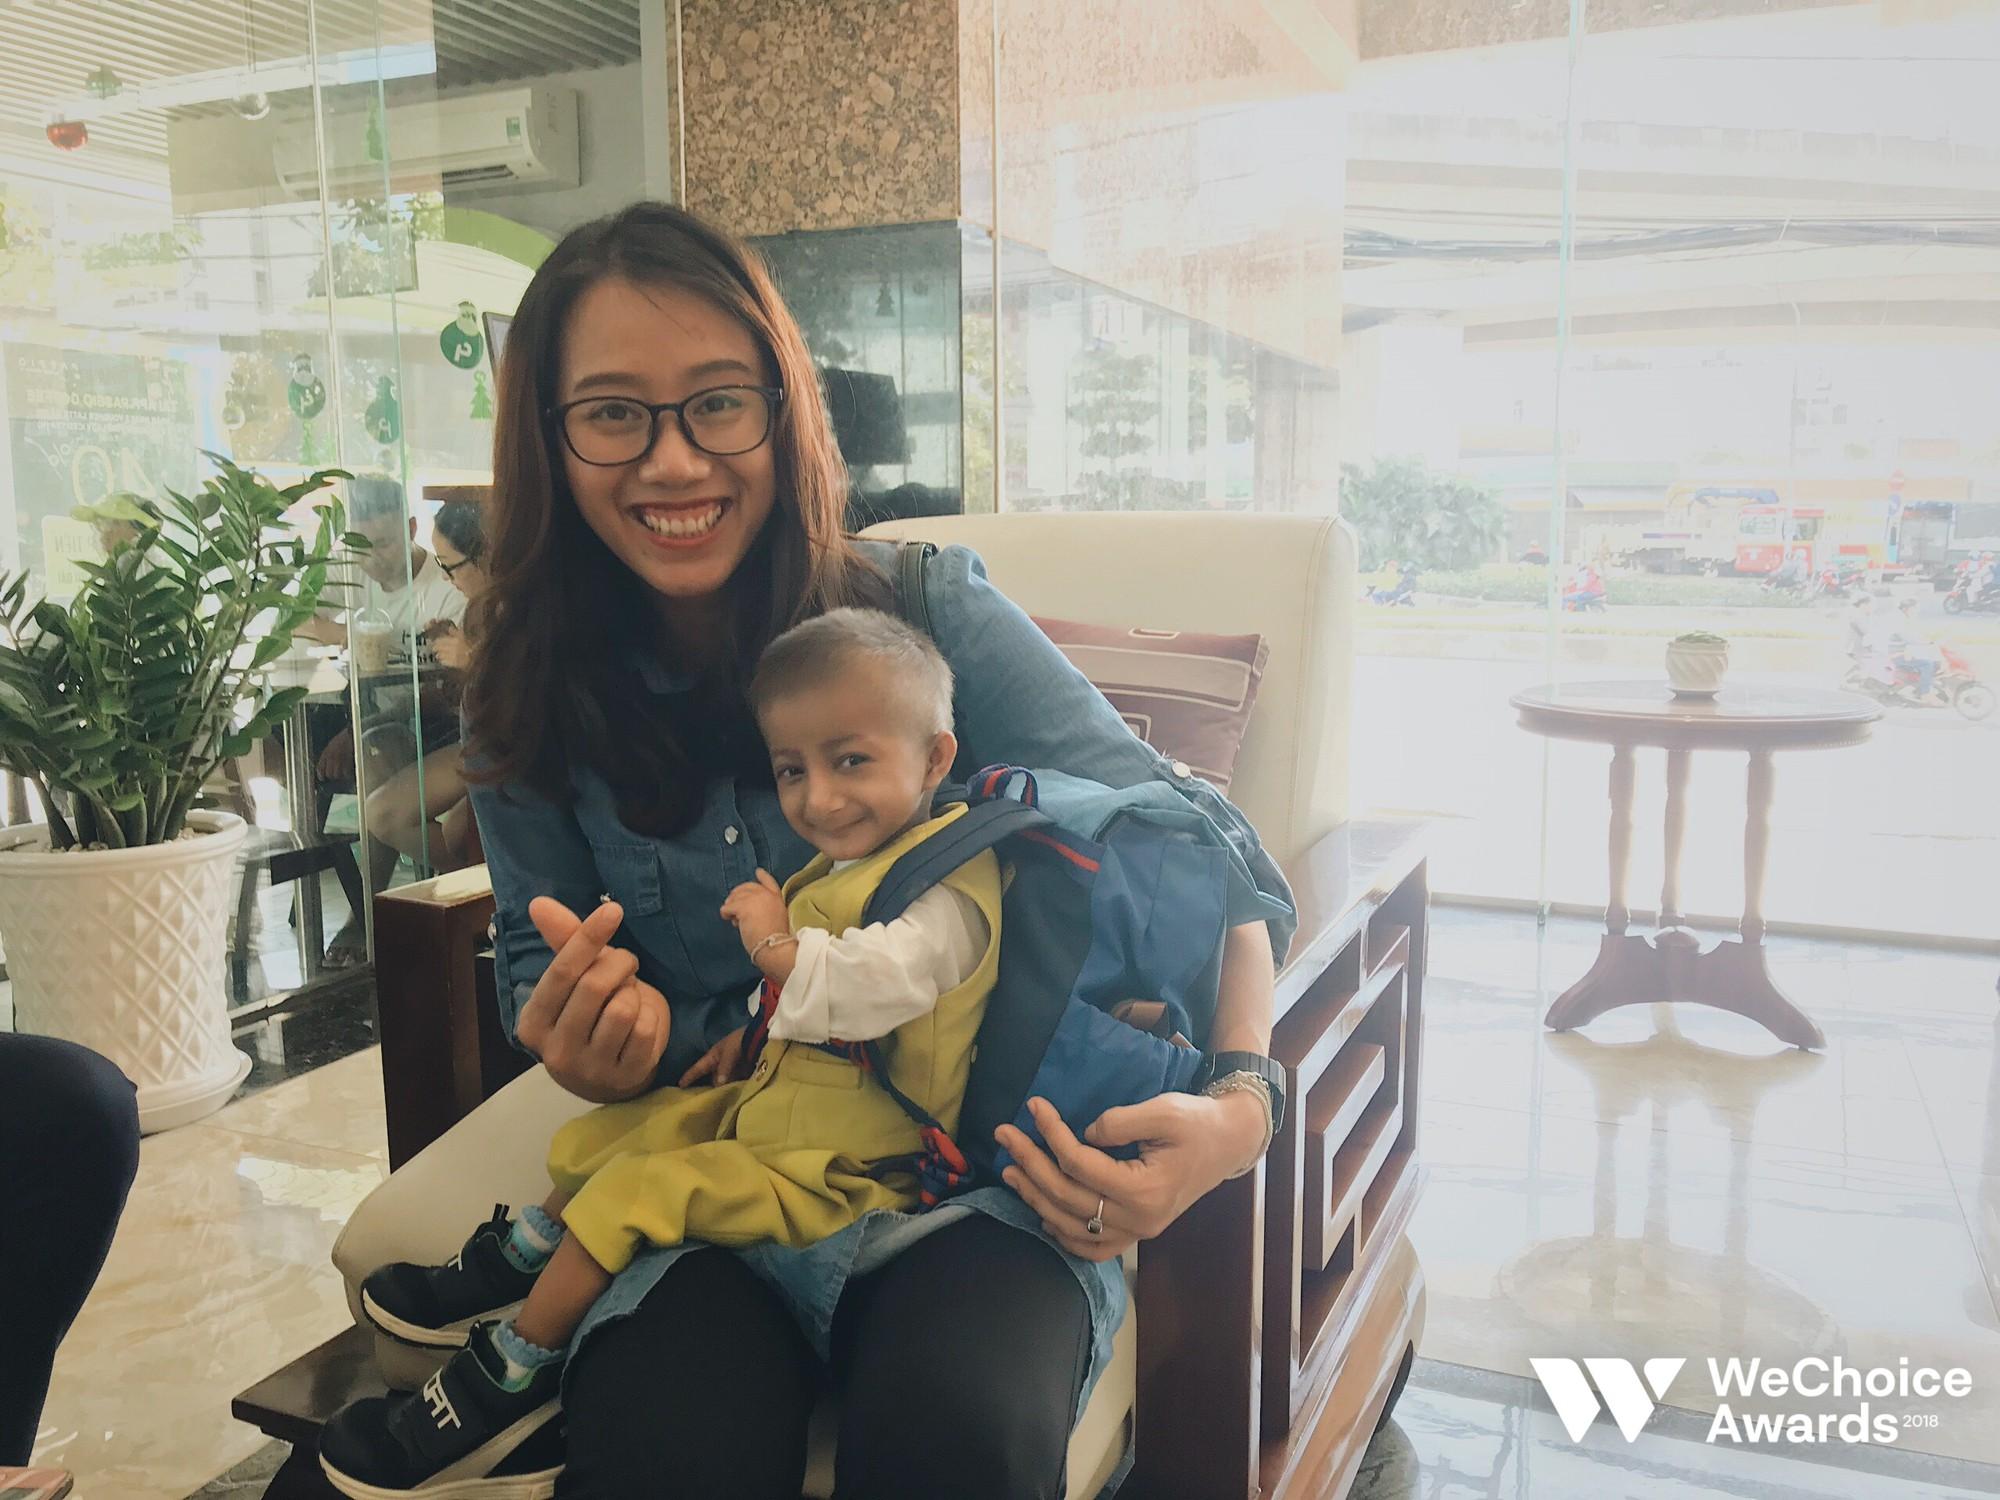 Những câu chuyện đáng yêu và xúc động trong chuyến đi Sài Gòn đầu tiên của cậu bé tí hon Krể - Ảnh 9.